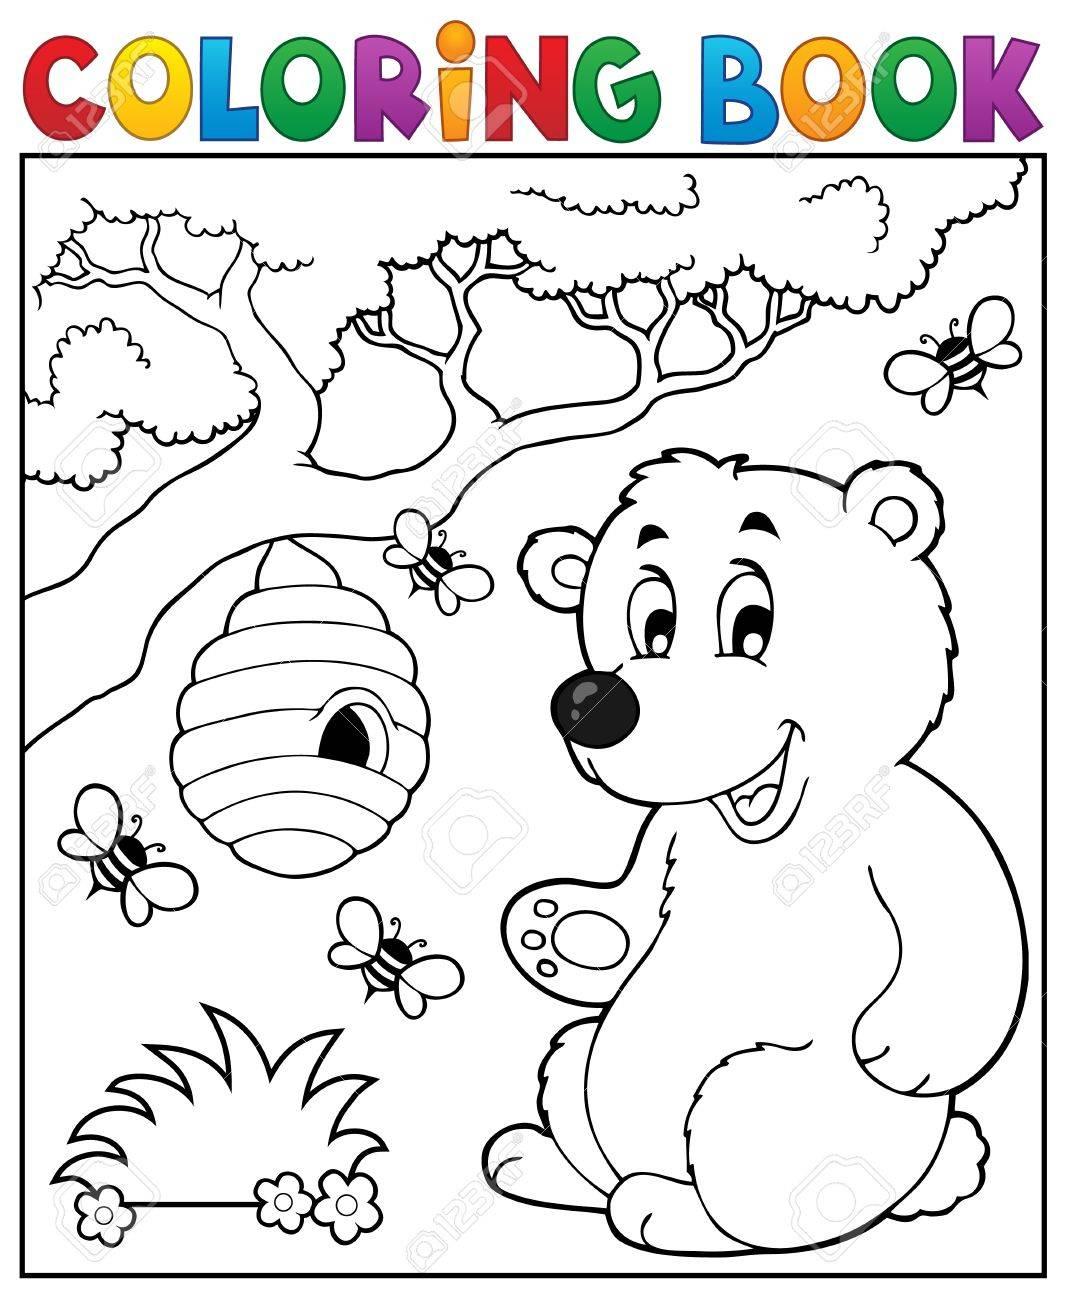 Atemberaubend Teddybär Malbuch Fotos - Malvorlagen-Ideen ...